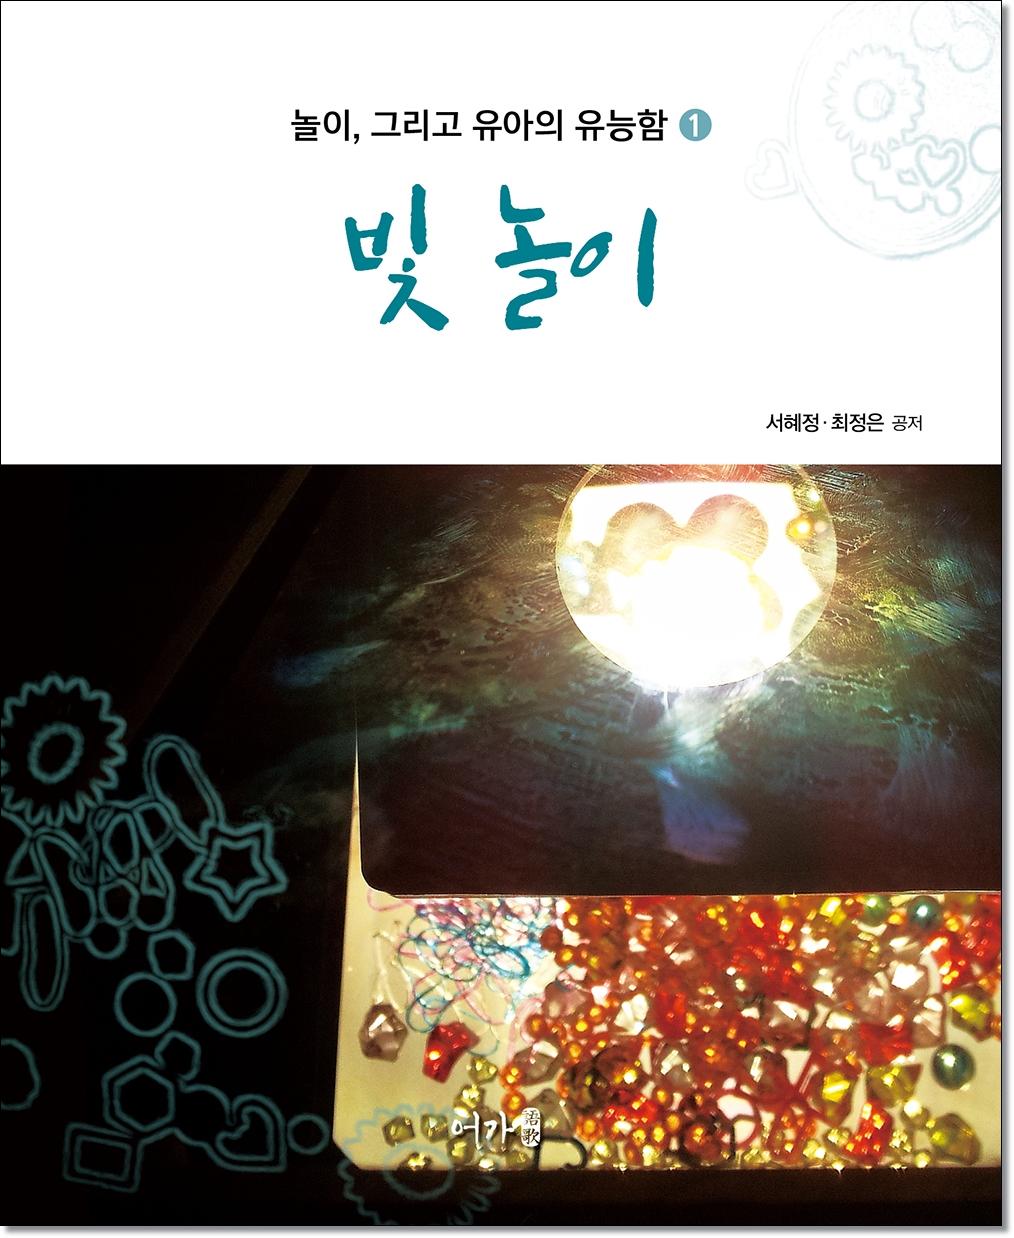 1 빛 놀이 표지-홈페이지용.jpg